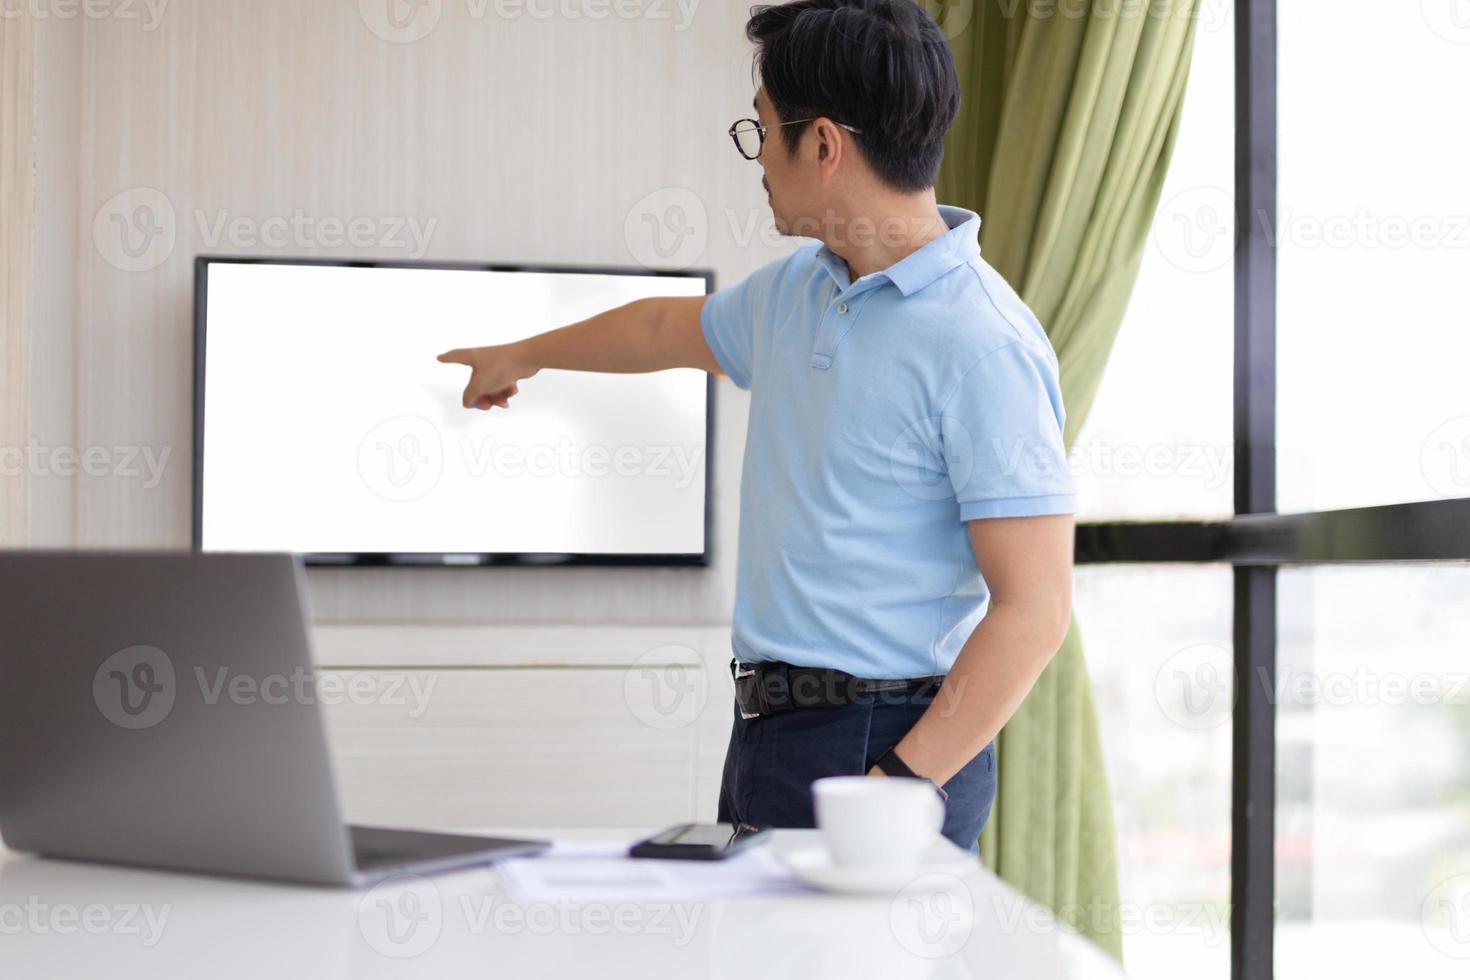 homme d & # 39; affaires dans la salle de conférence avec la main pointant sur l & # 39; écran photo